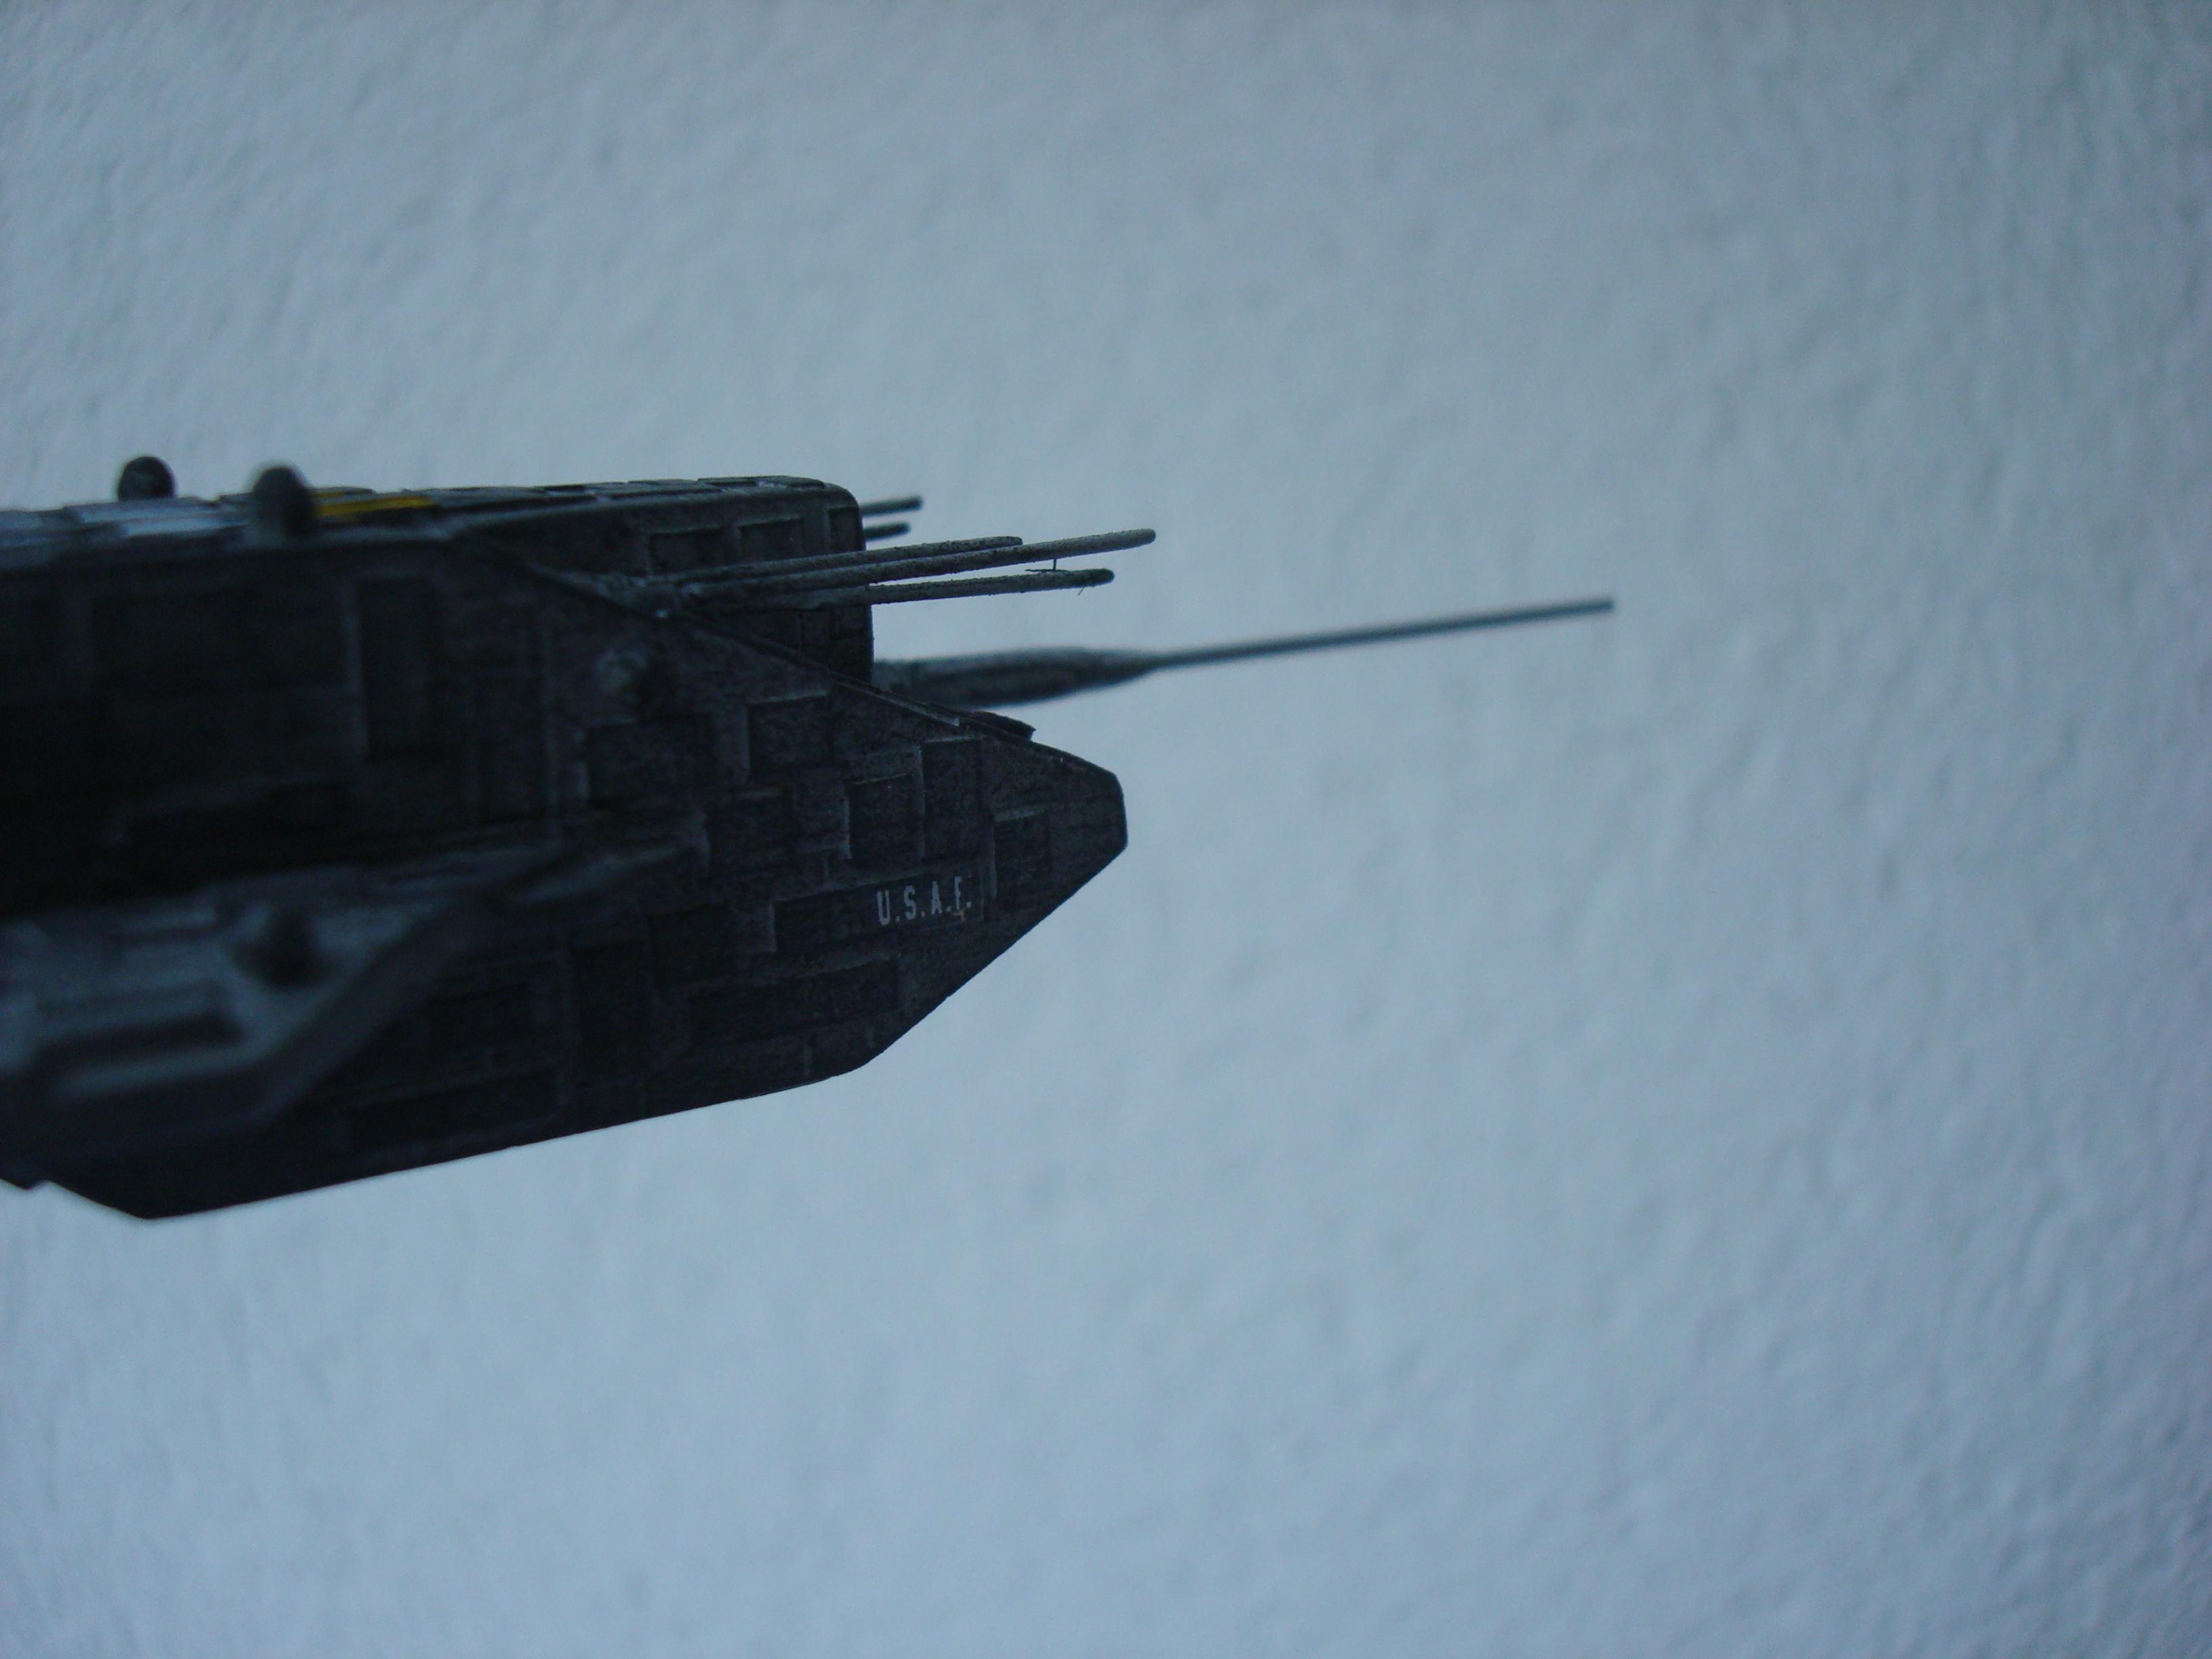 X304-CLASS DEEP SPACE CARRIER DAEDALUS Dsc00616kn